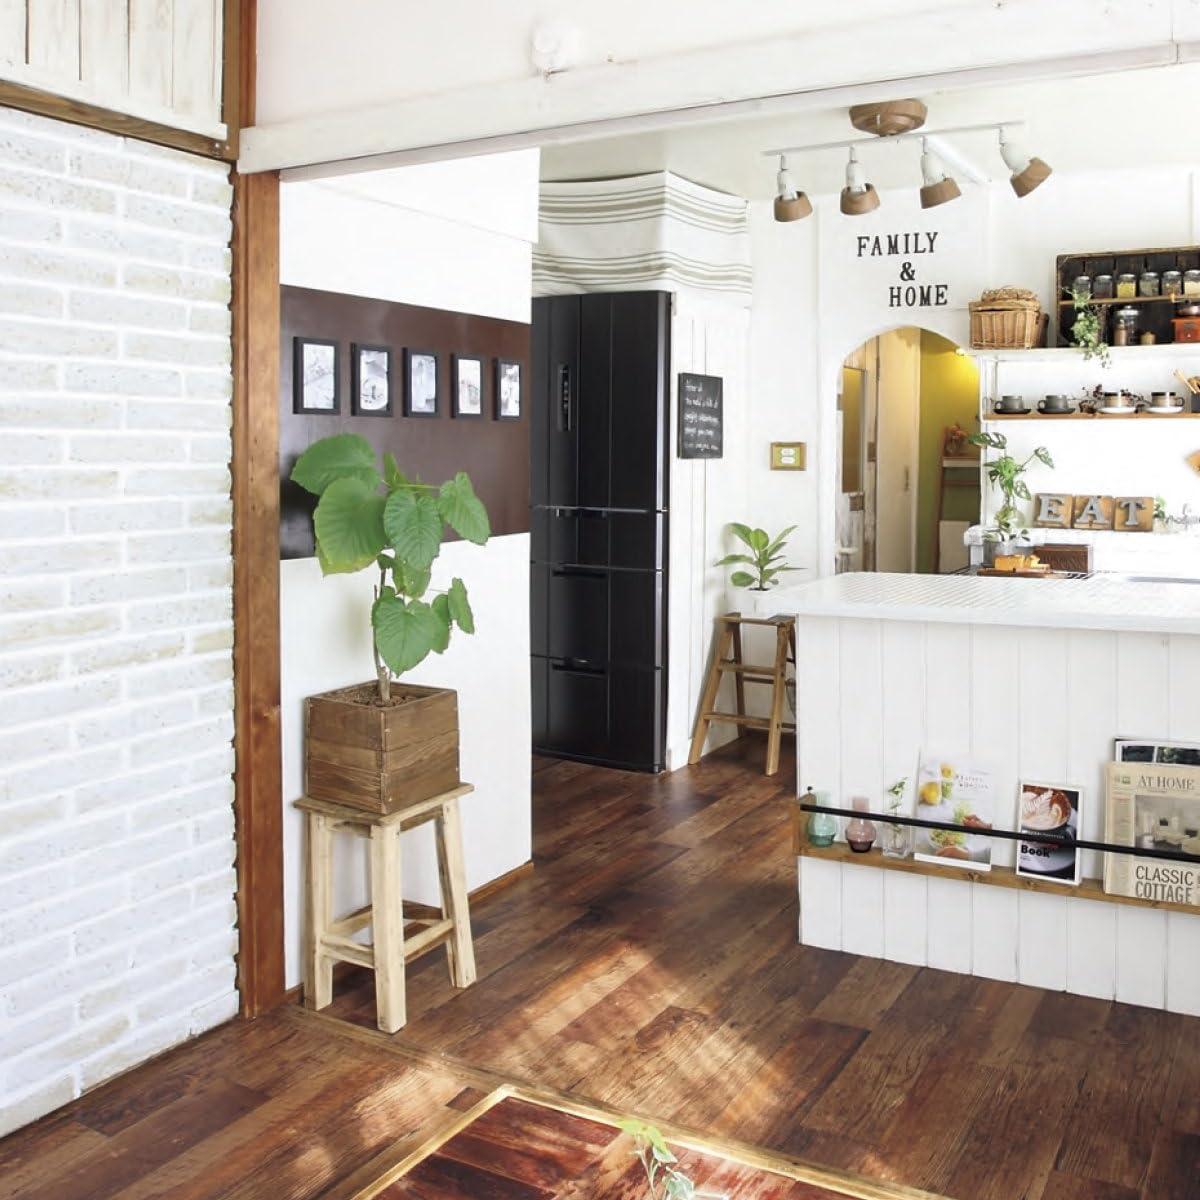 住宅 部屋 Ipad壁紙 キッチン その他 スマホ用画像